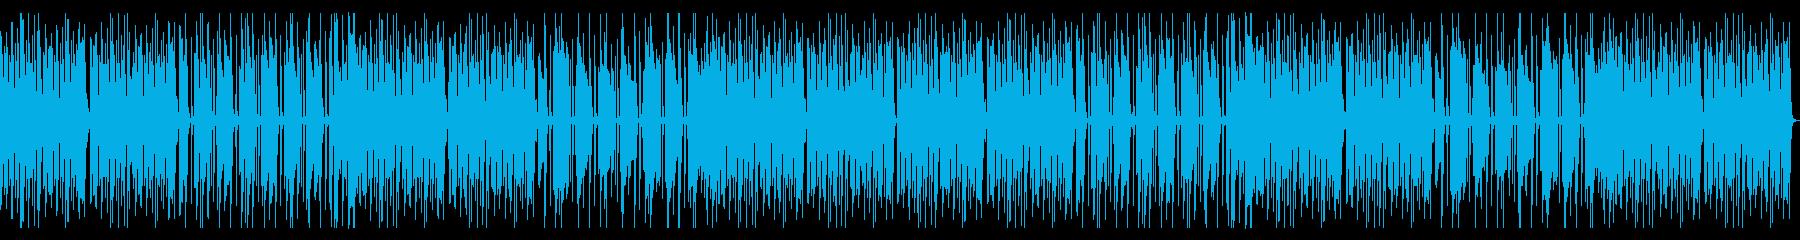 日常会話シーン、シンプルピアノ、ほんわかの再生済みの波形